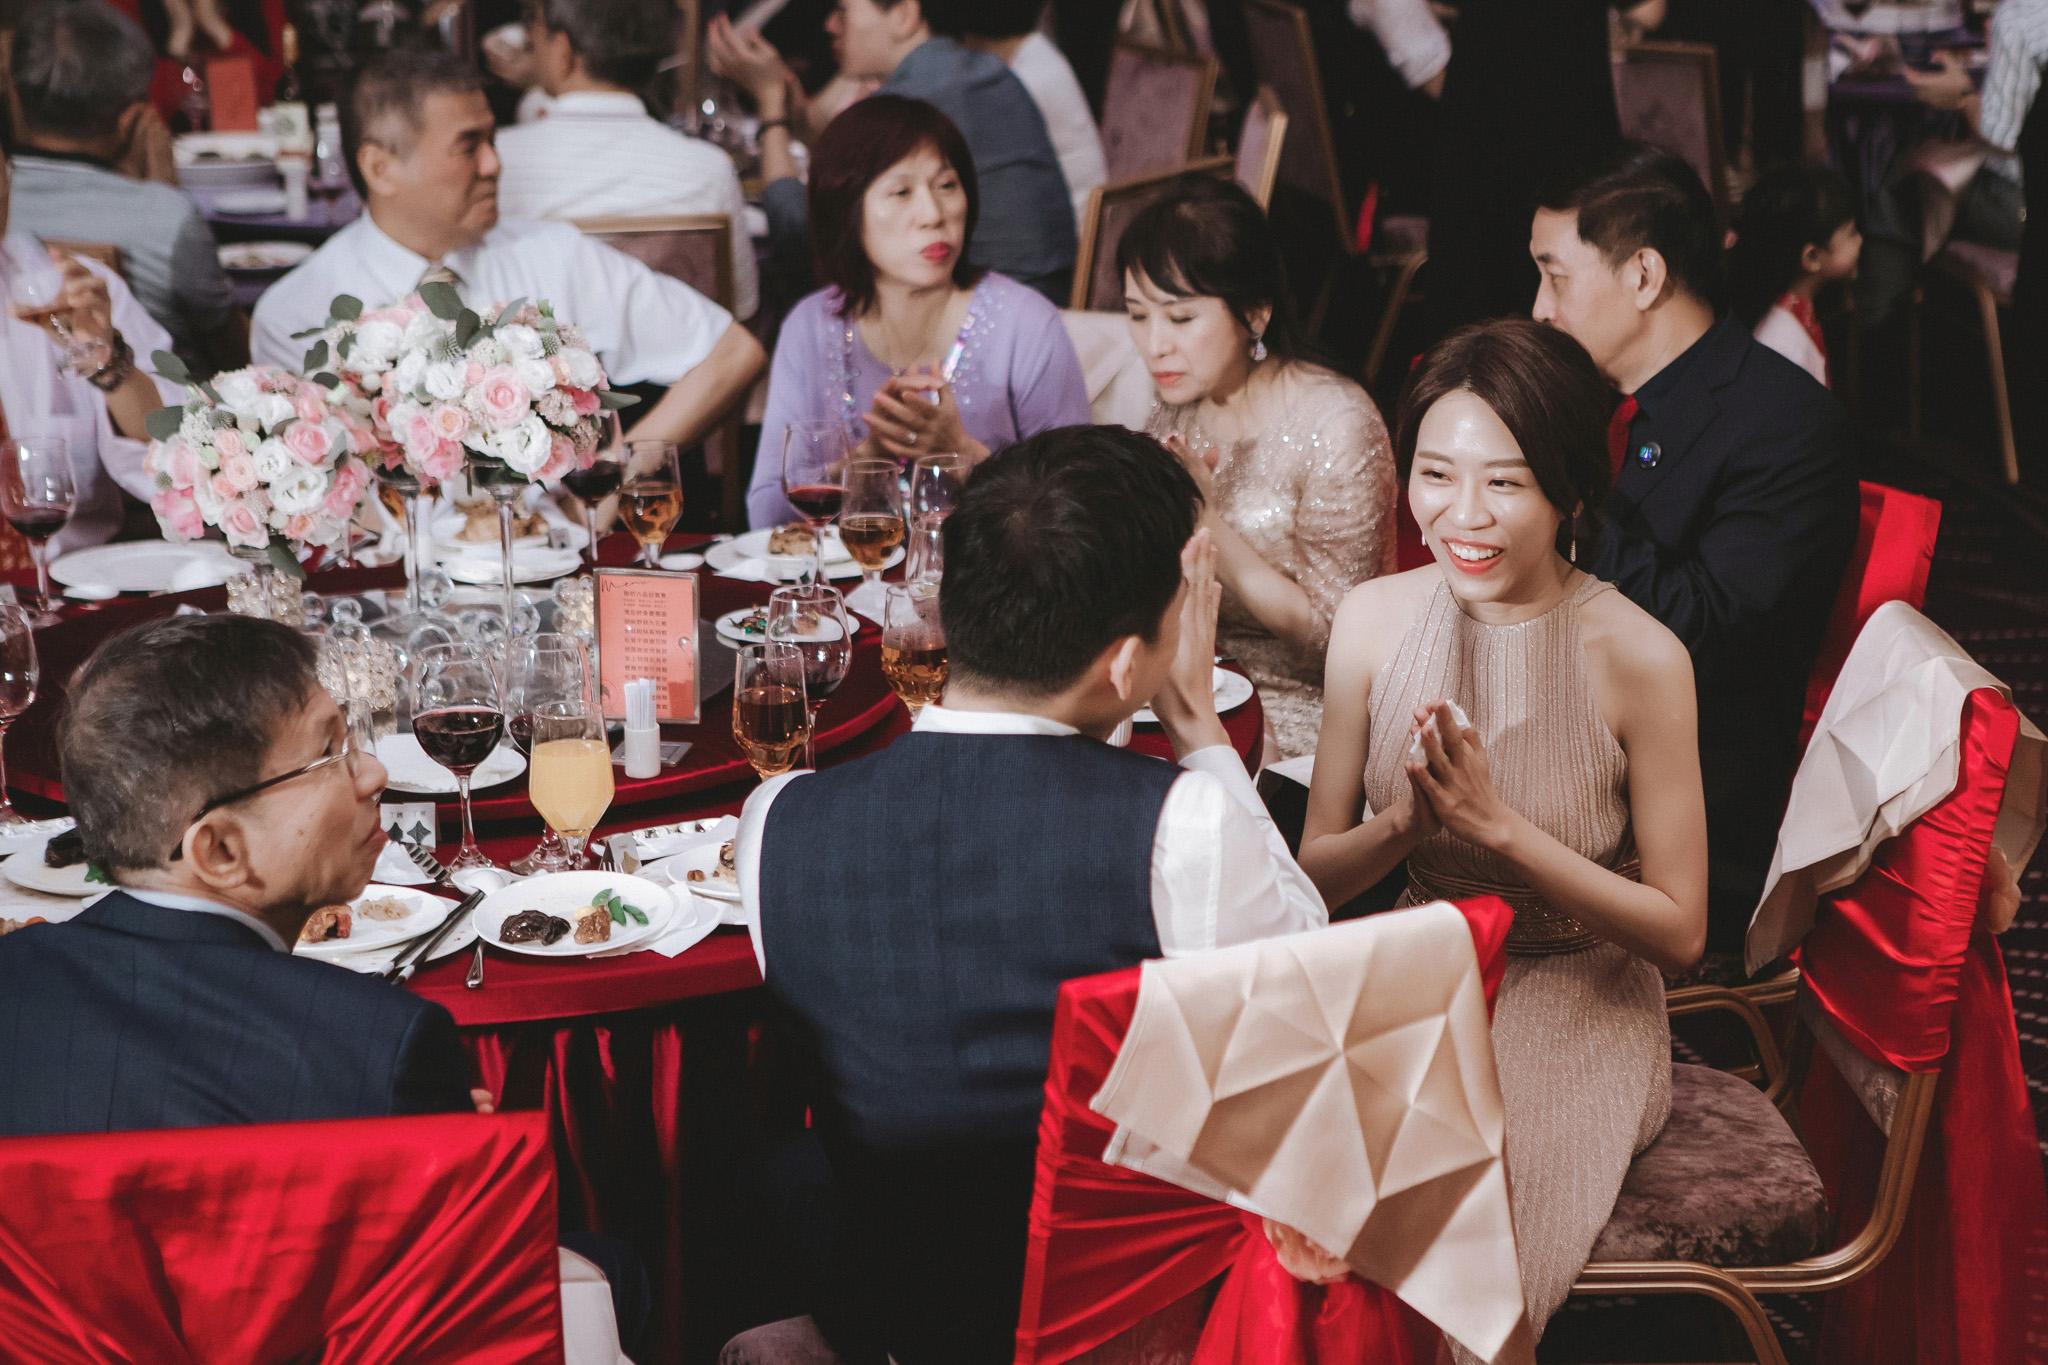 EW 居米 台北婚宴 台北婚紗 台北婚攝 國泰萬怡 台北婚禮 -56